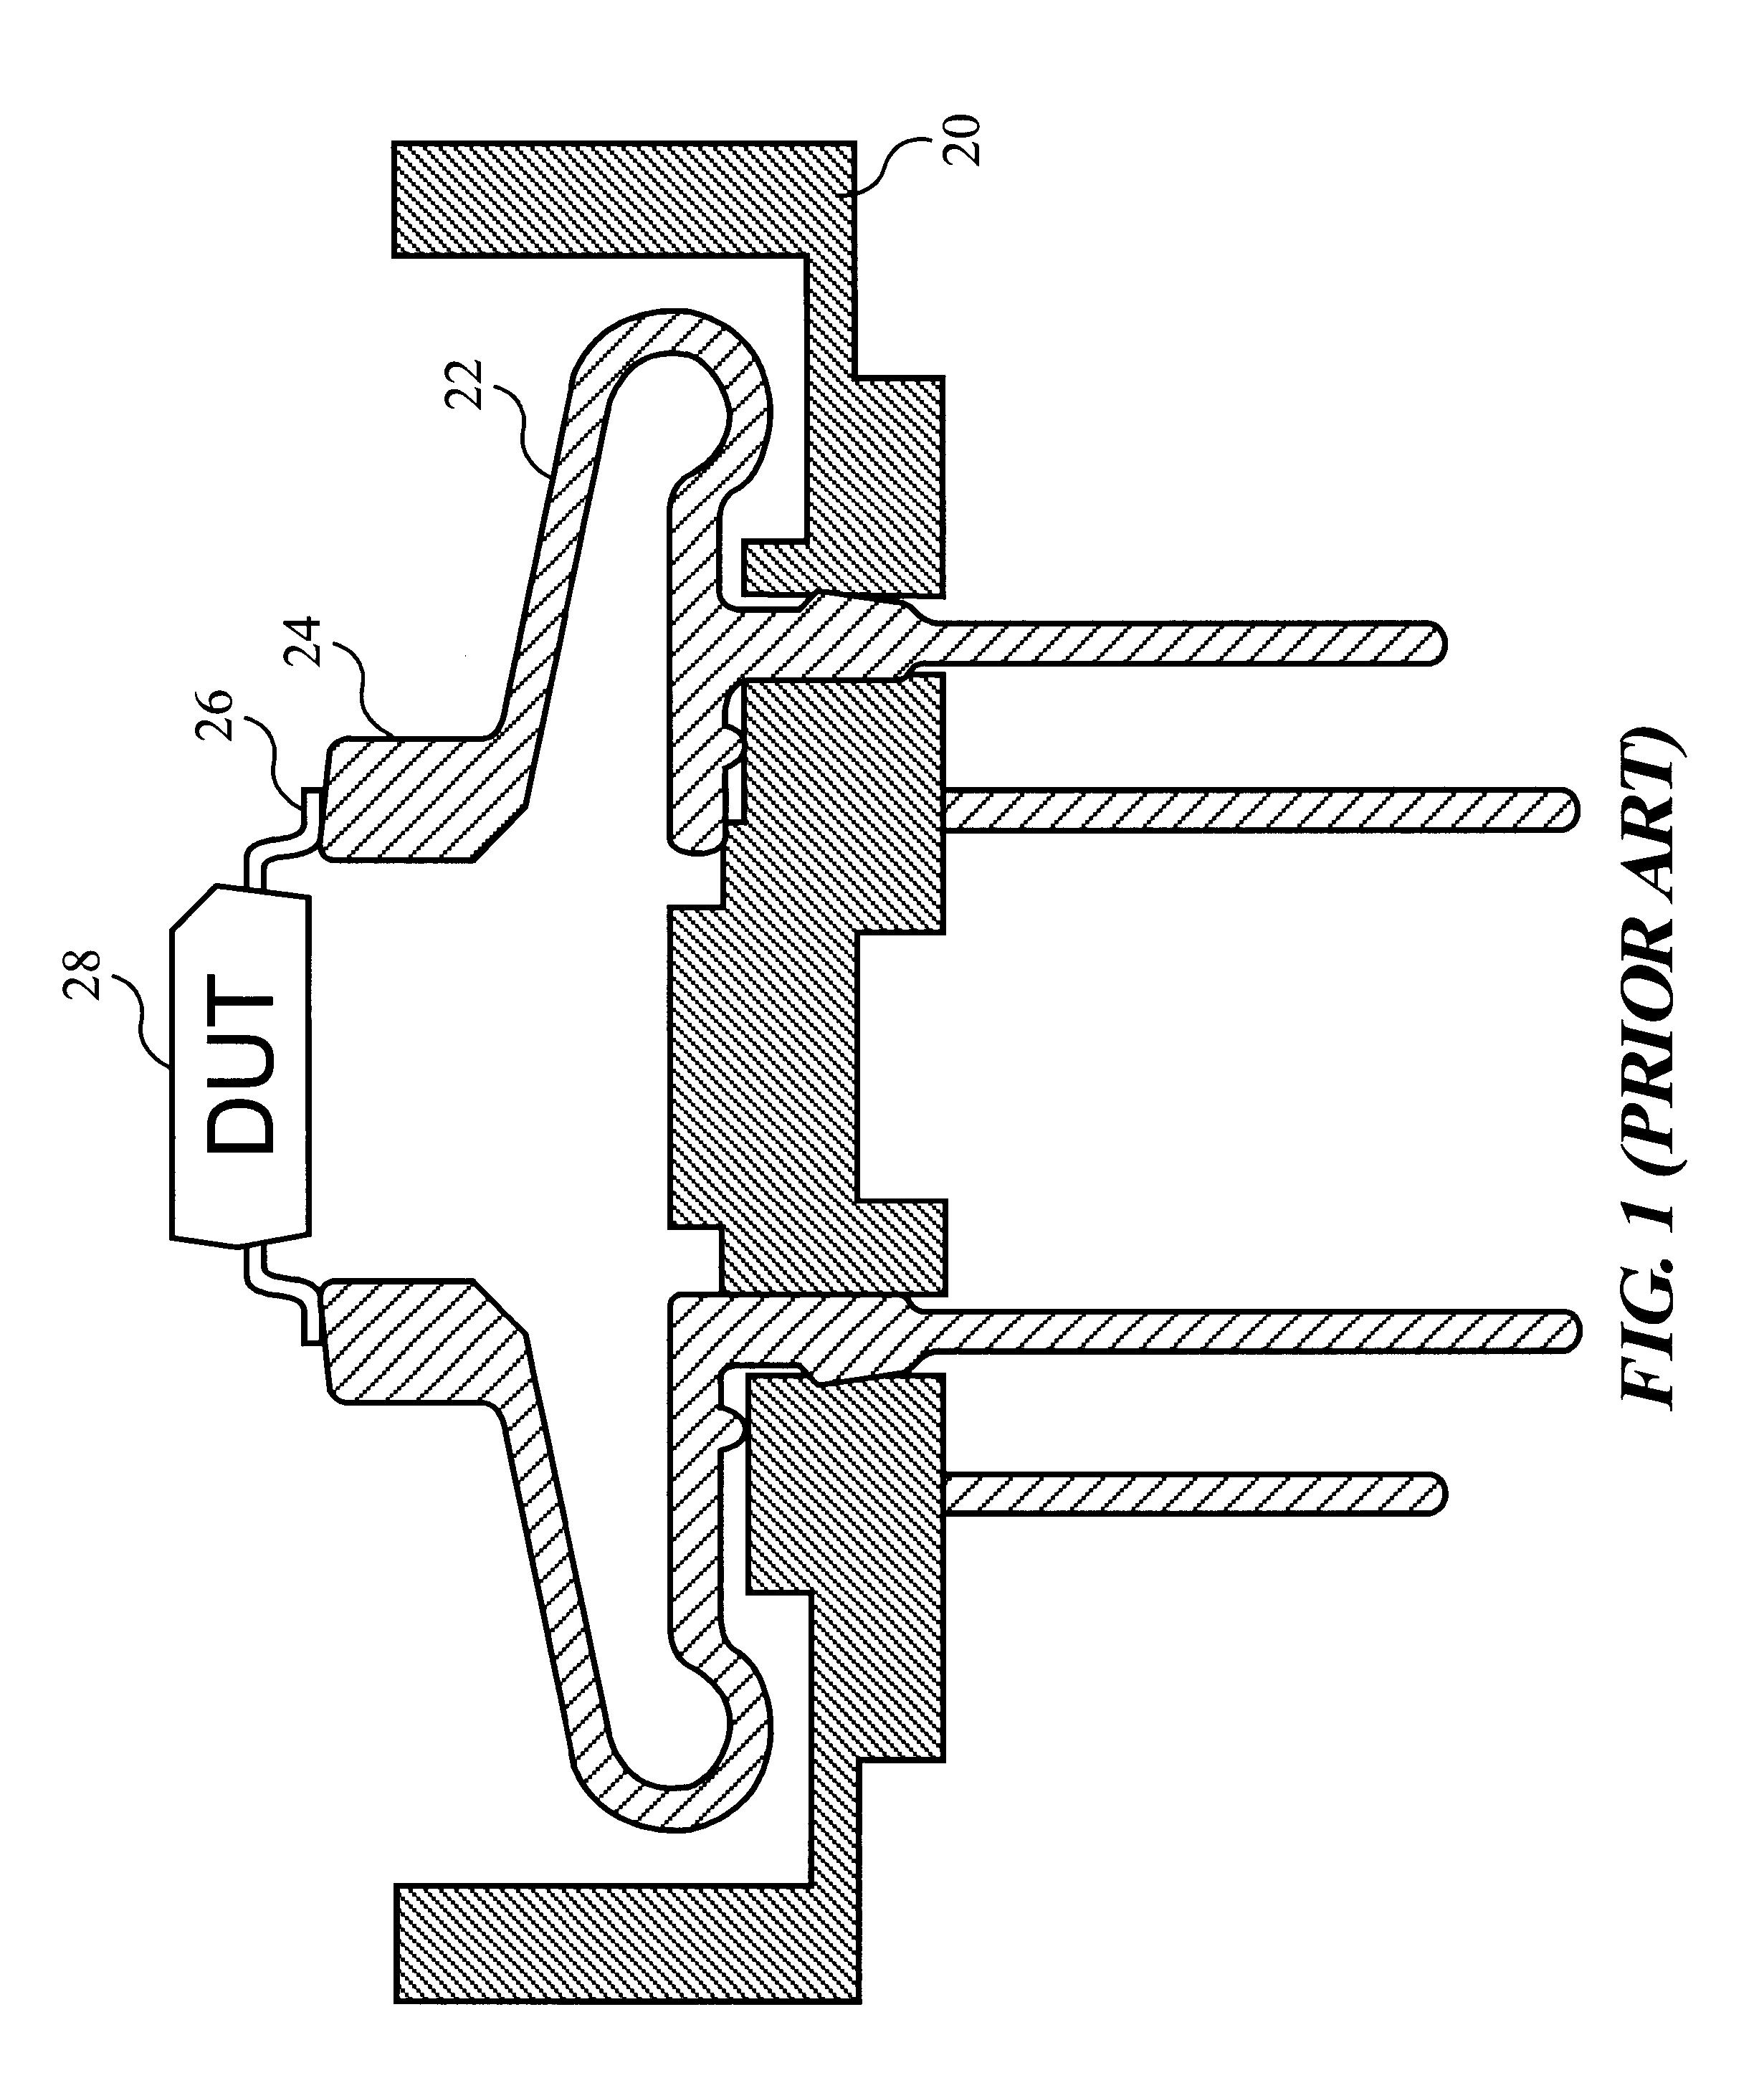 patent us6293814